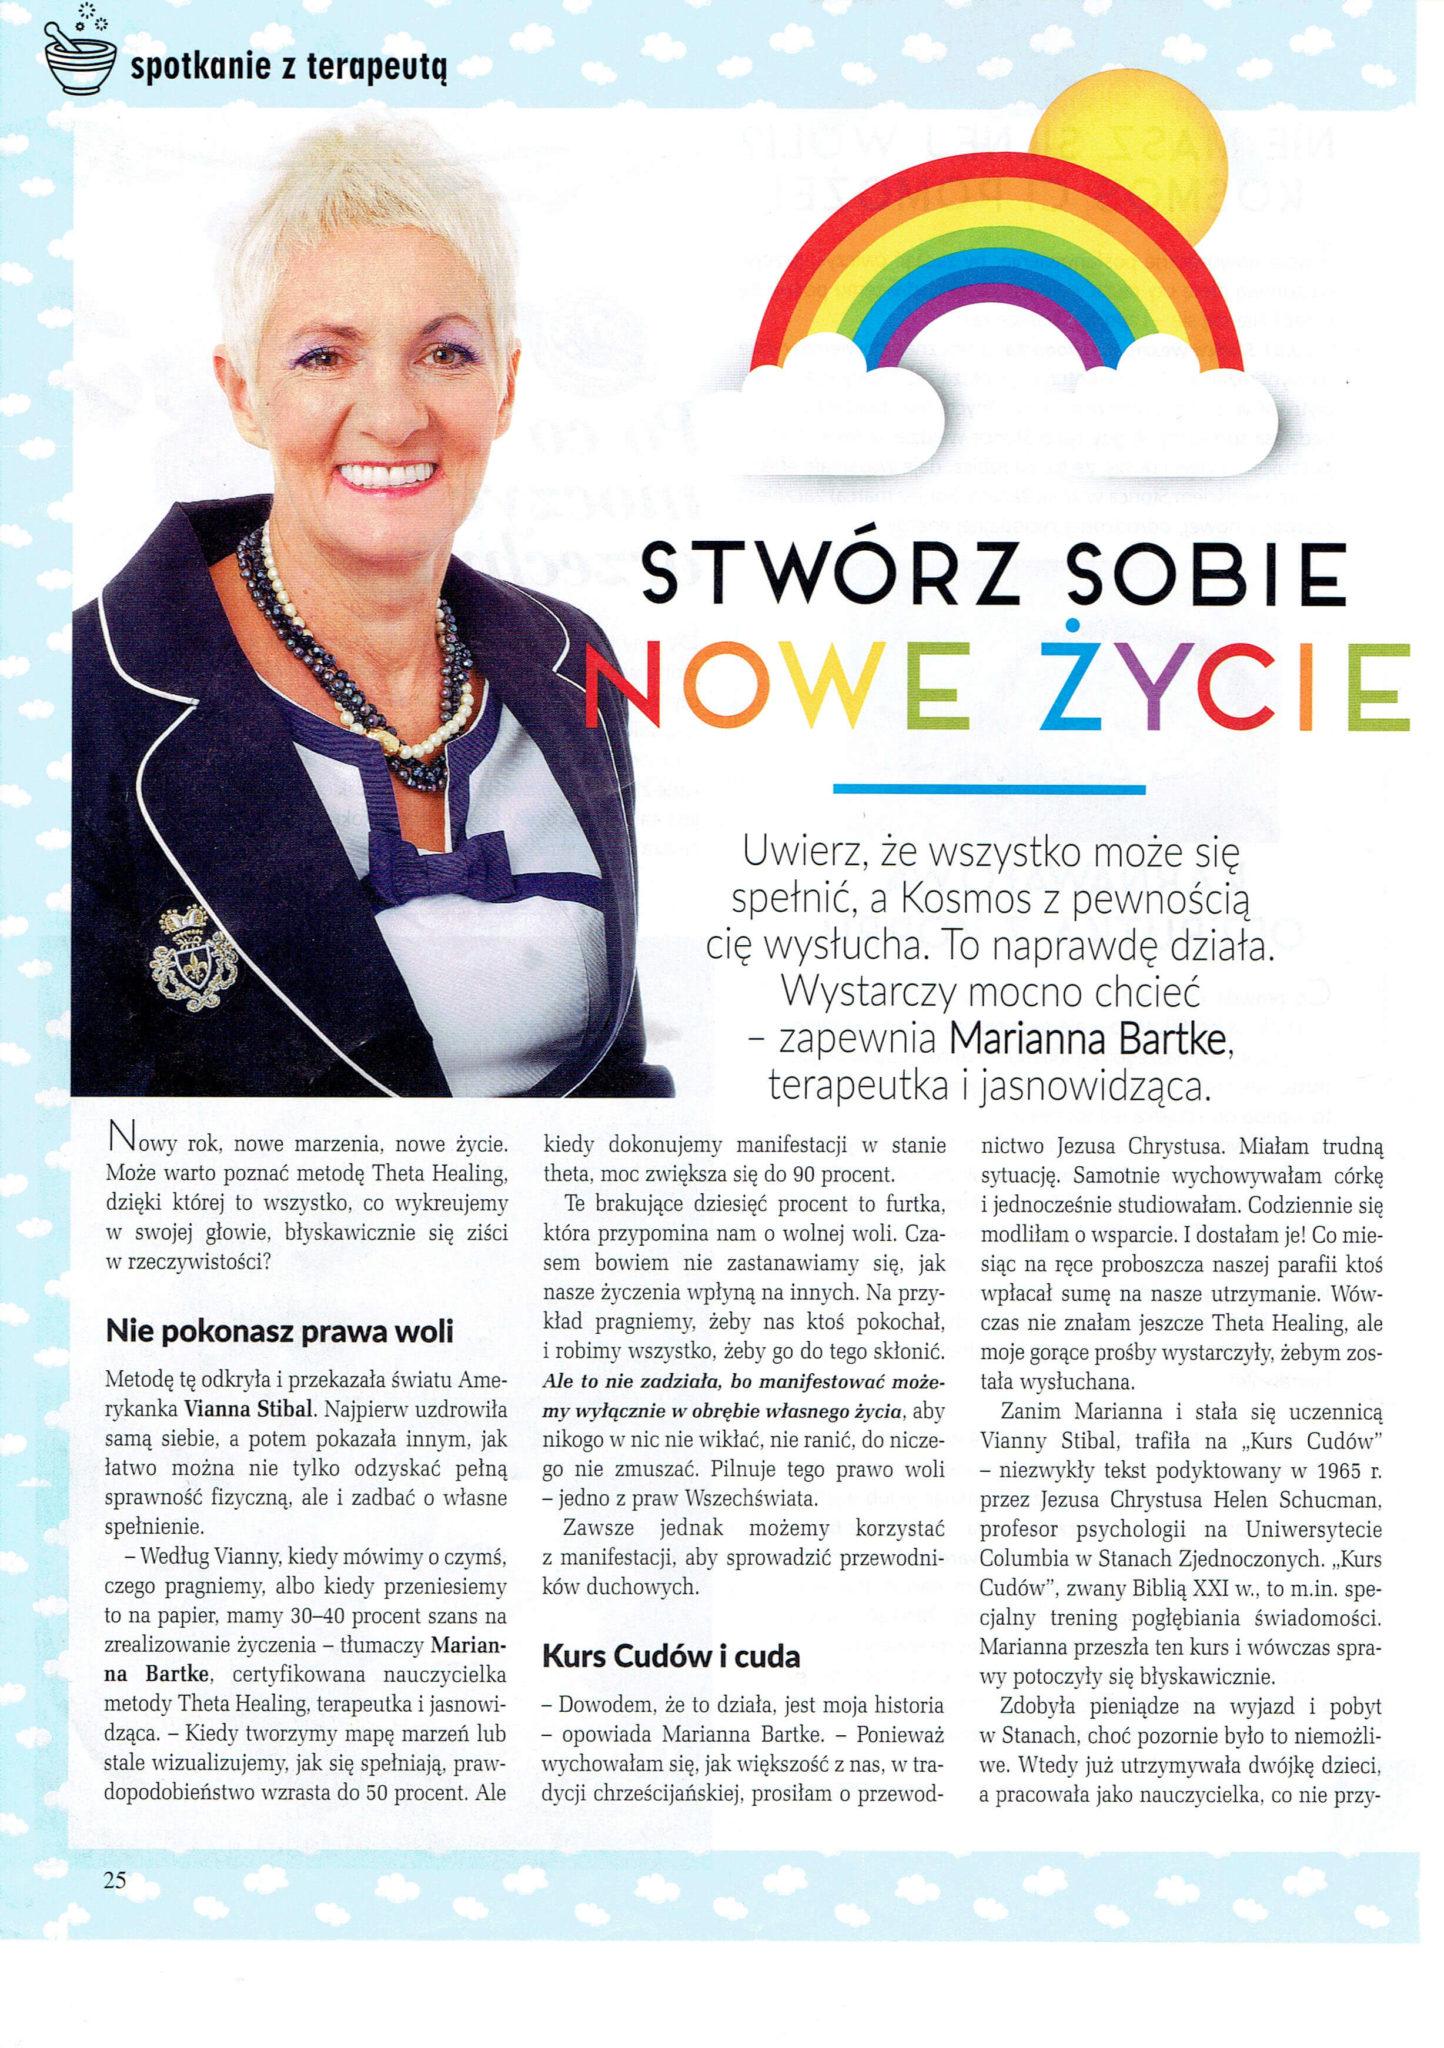 Gwiazdy Mówią - Stwórz sobie NOWE ŻYCIE. cz.1